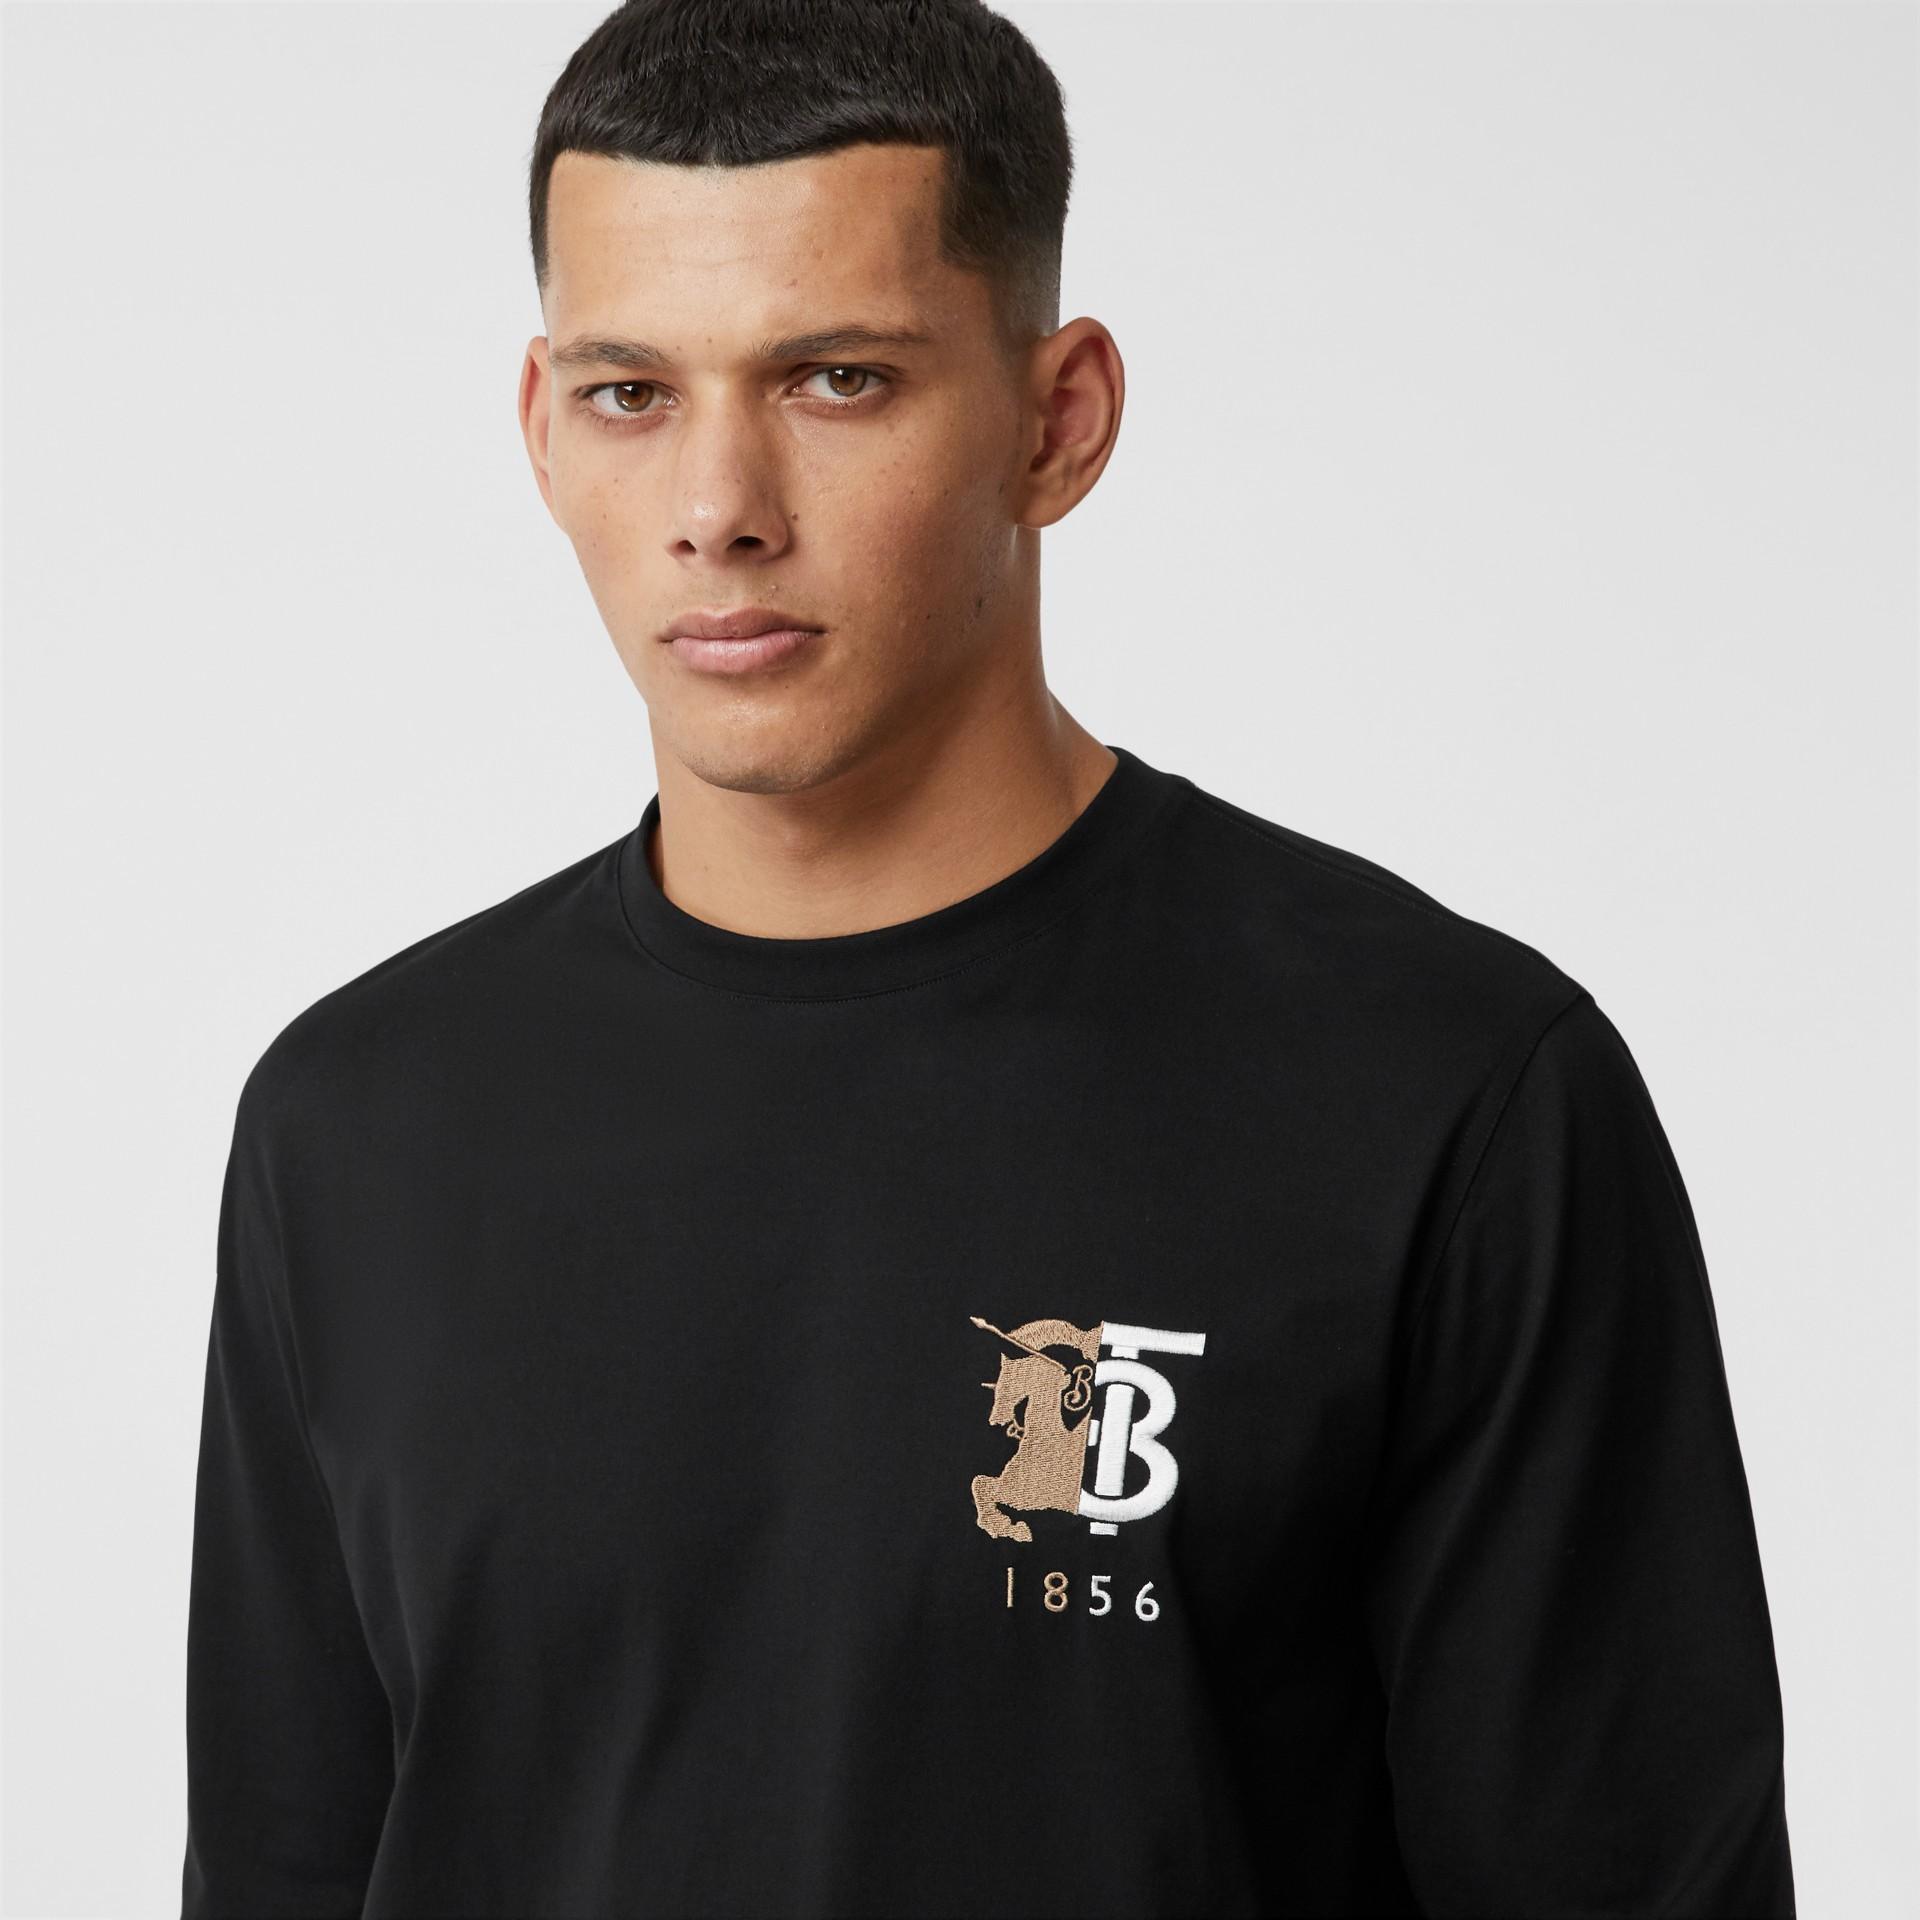 Haut à manches longues en coton avec logo (Noir) - Homme | Burberry - photo de la galerie 1